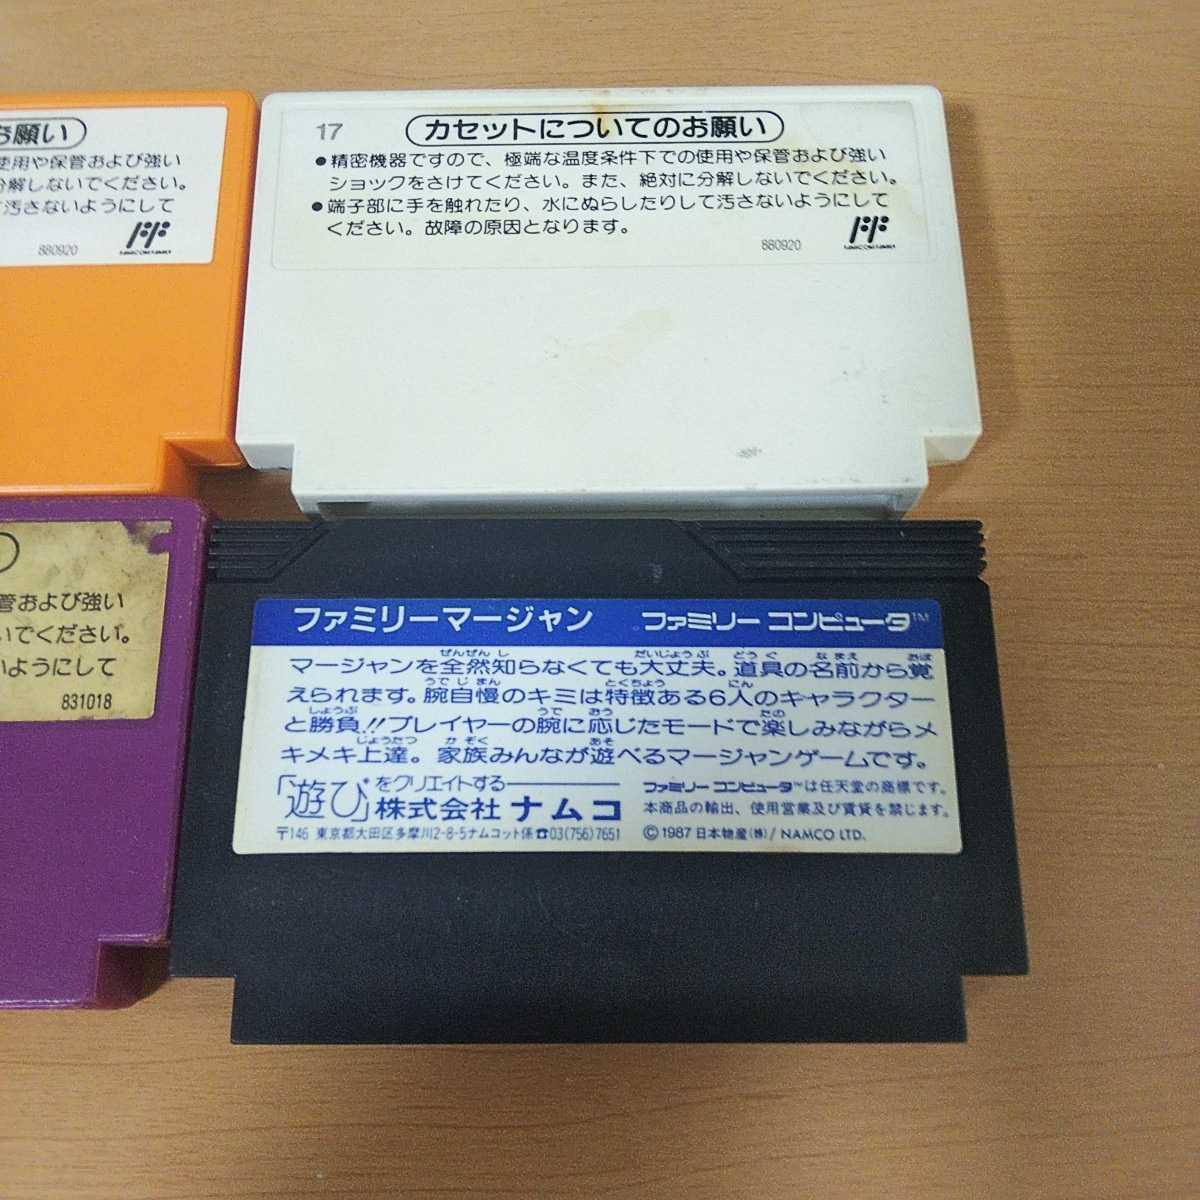 ファミコンソフト 任天堂 人気のスパルタンX ヨッシーのクッキー ドクターマリオ ナムコ ファミリーマージャン セットにて